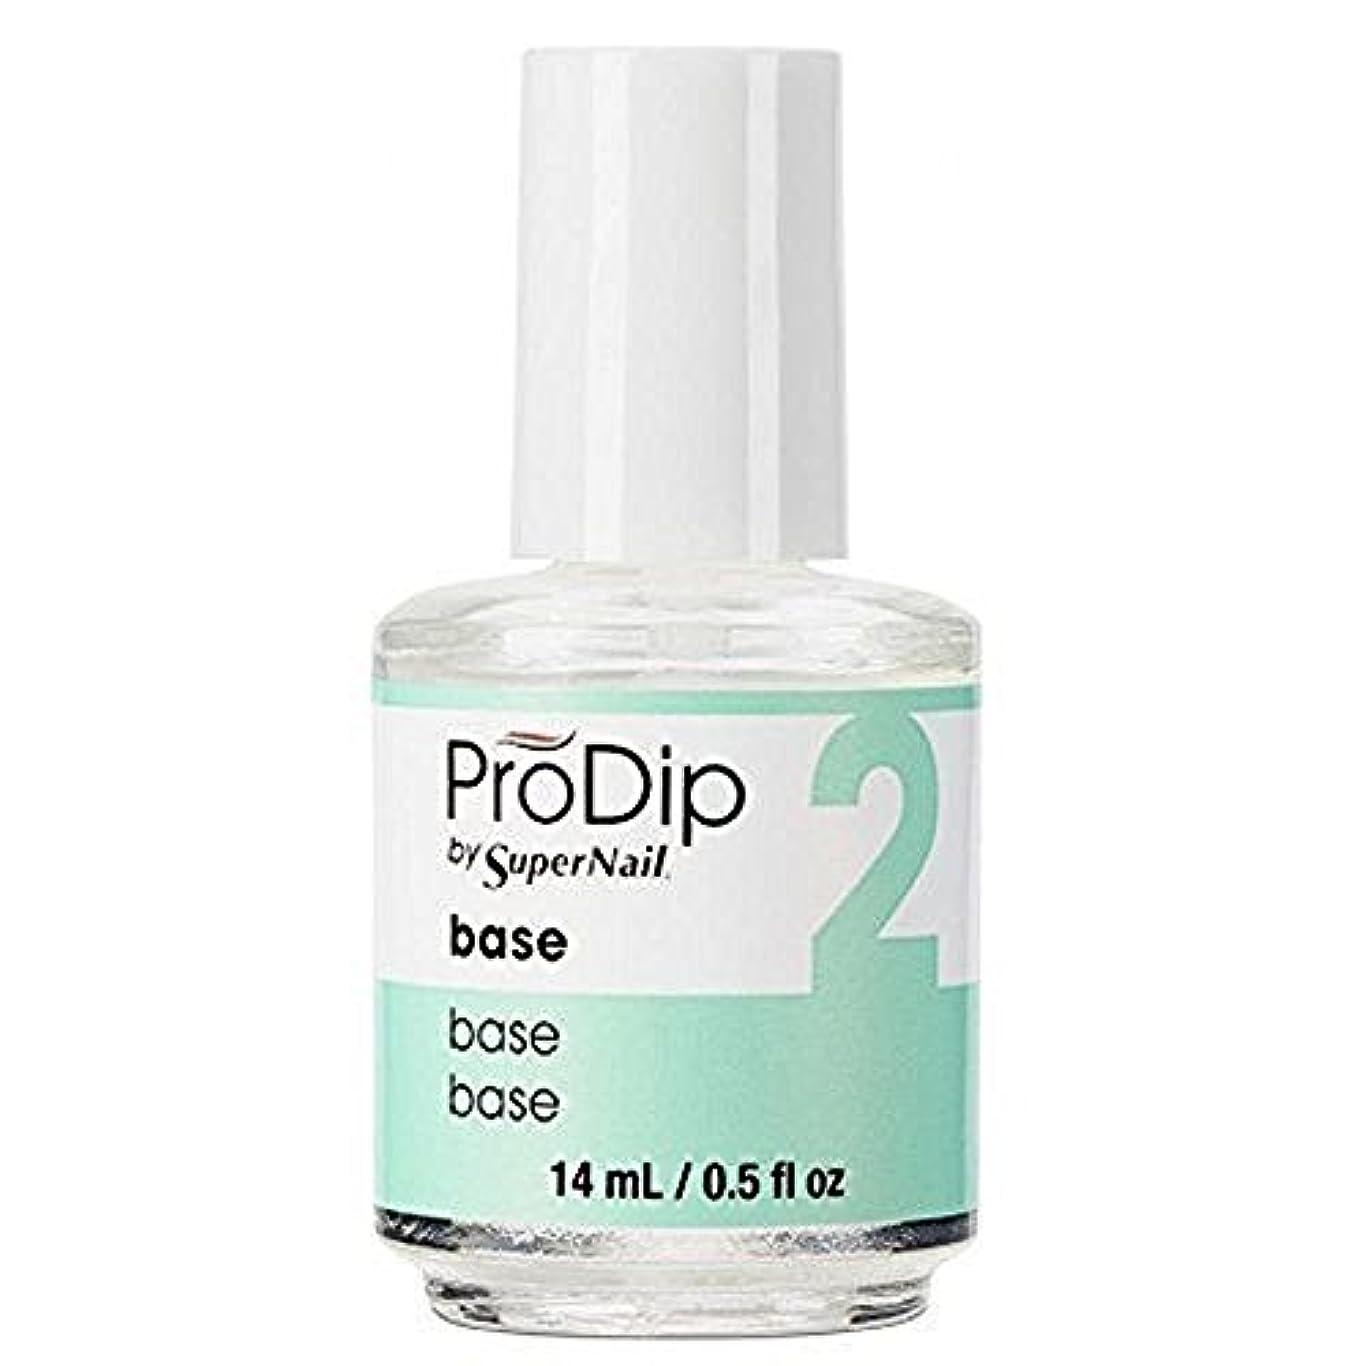 めんどり別々に神経衰弱SuperNail ProDip - Base - 14 ml/0.5 oz